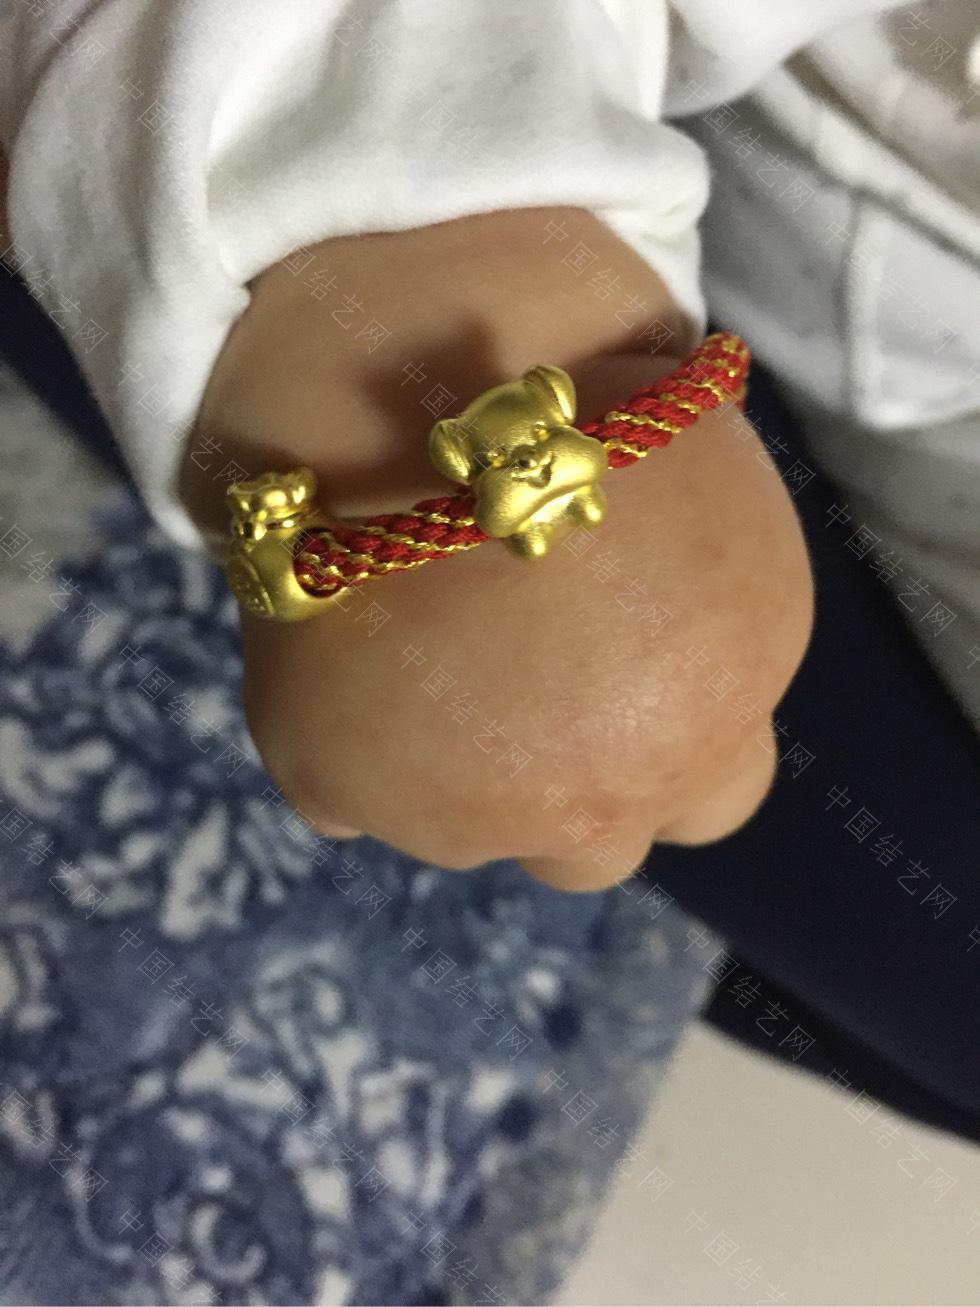 中国结论坛 给宝贝儿编的手链! 手链,宝贝,宝贝儿,适合编给对象的手链,给男朋友编手链图解 作品展示 183737ixdufyf7yh1jphfj